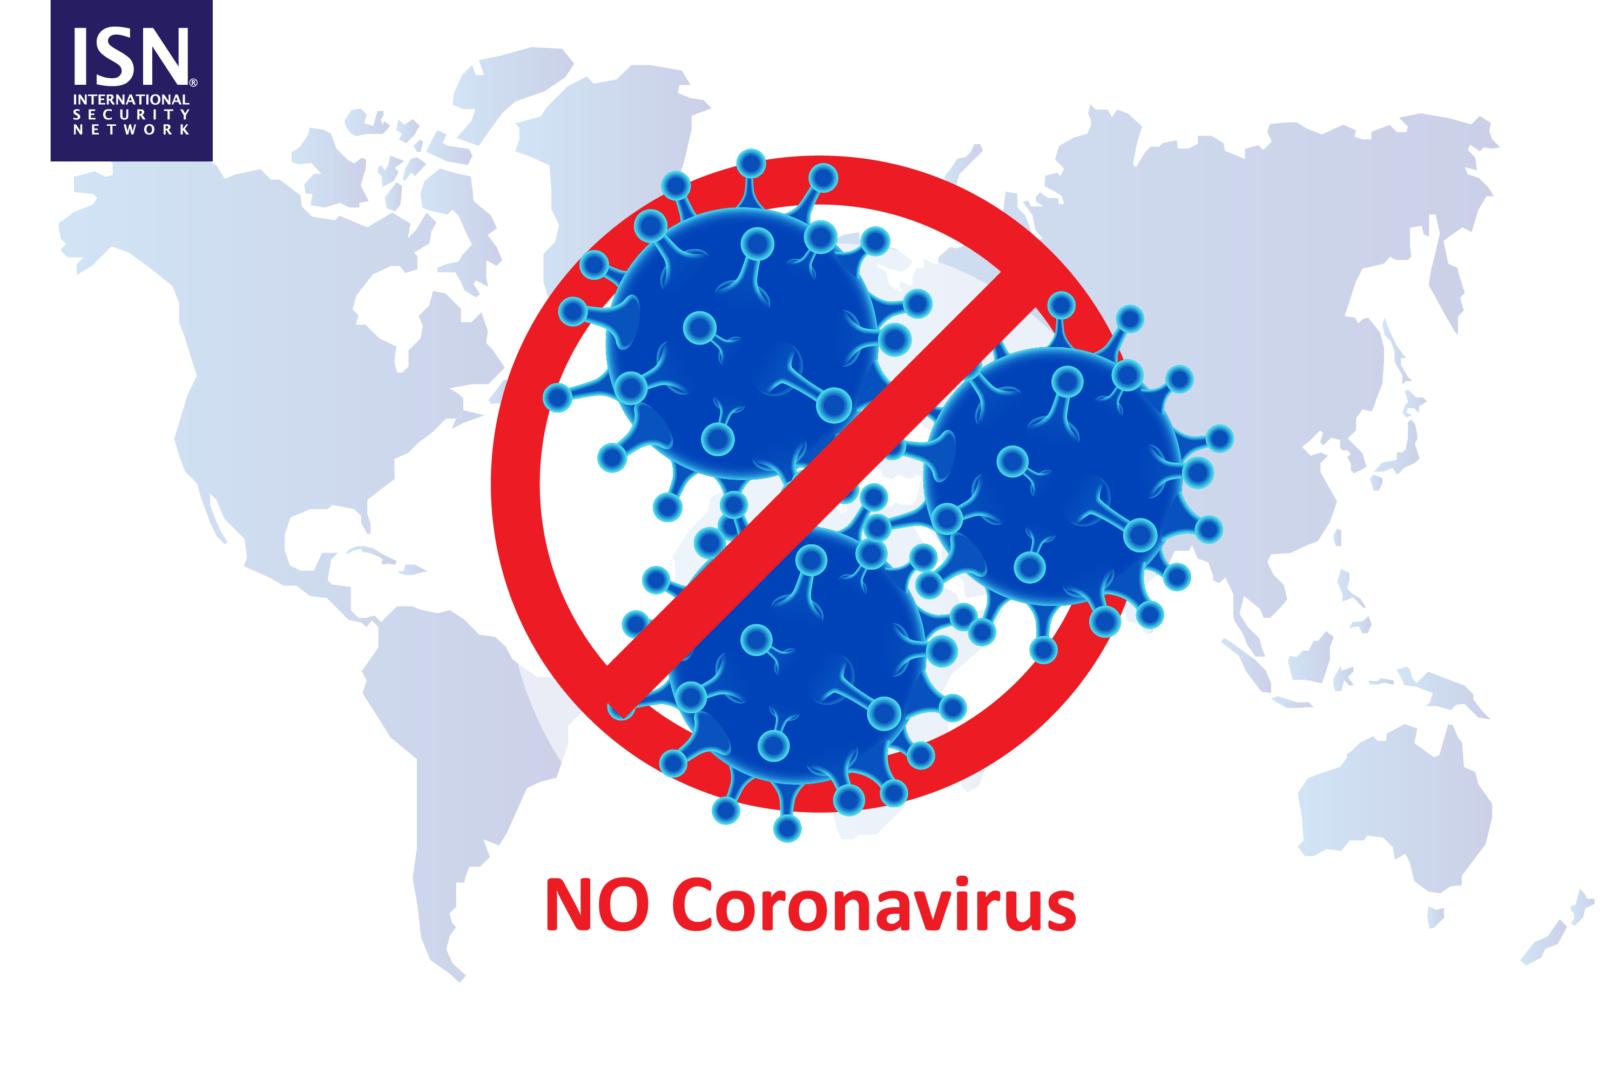 Coronavirus-1620x1080.png